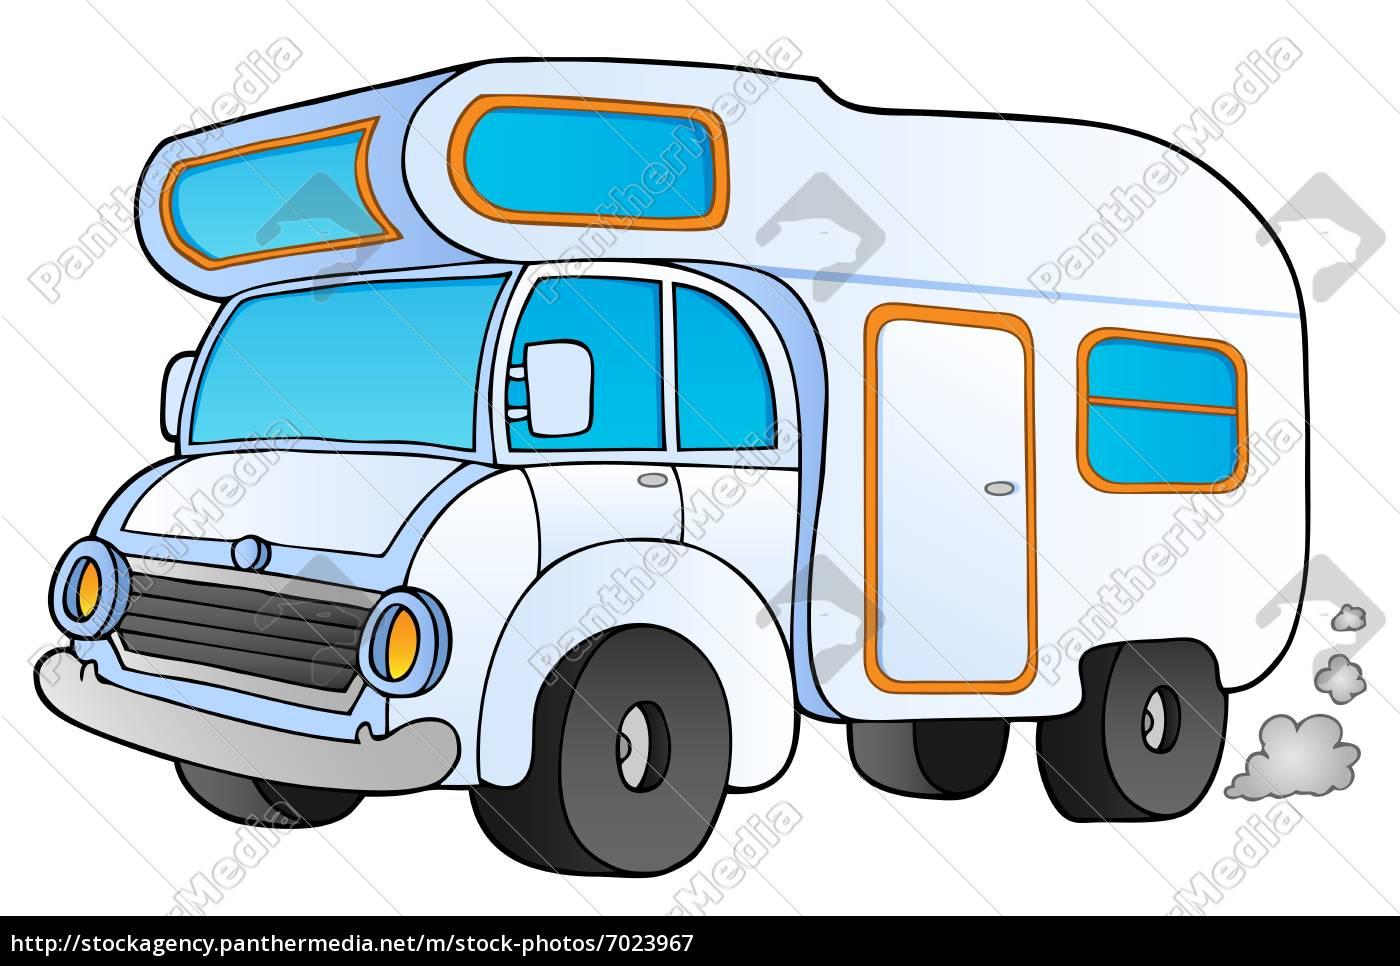 Lizenzfreies Bild 9 - cartoon campingbus